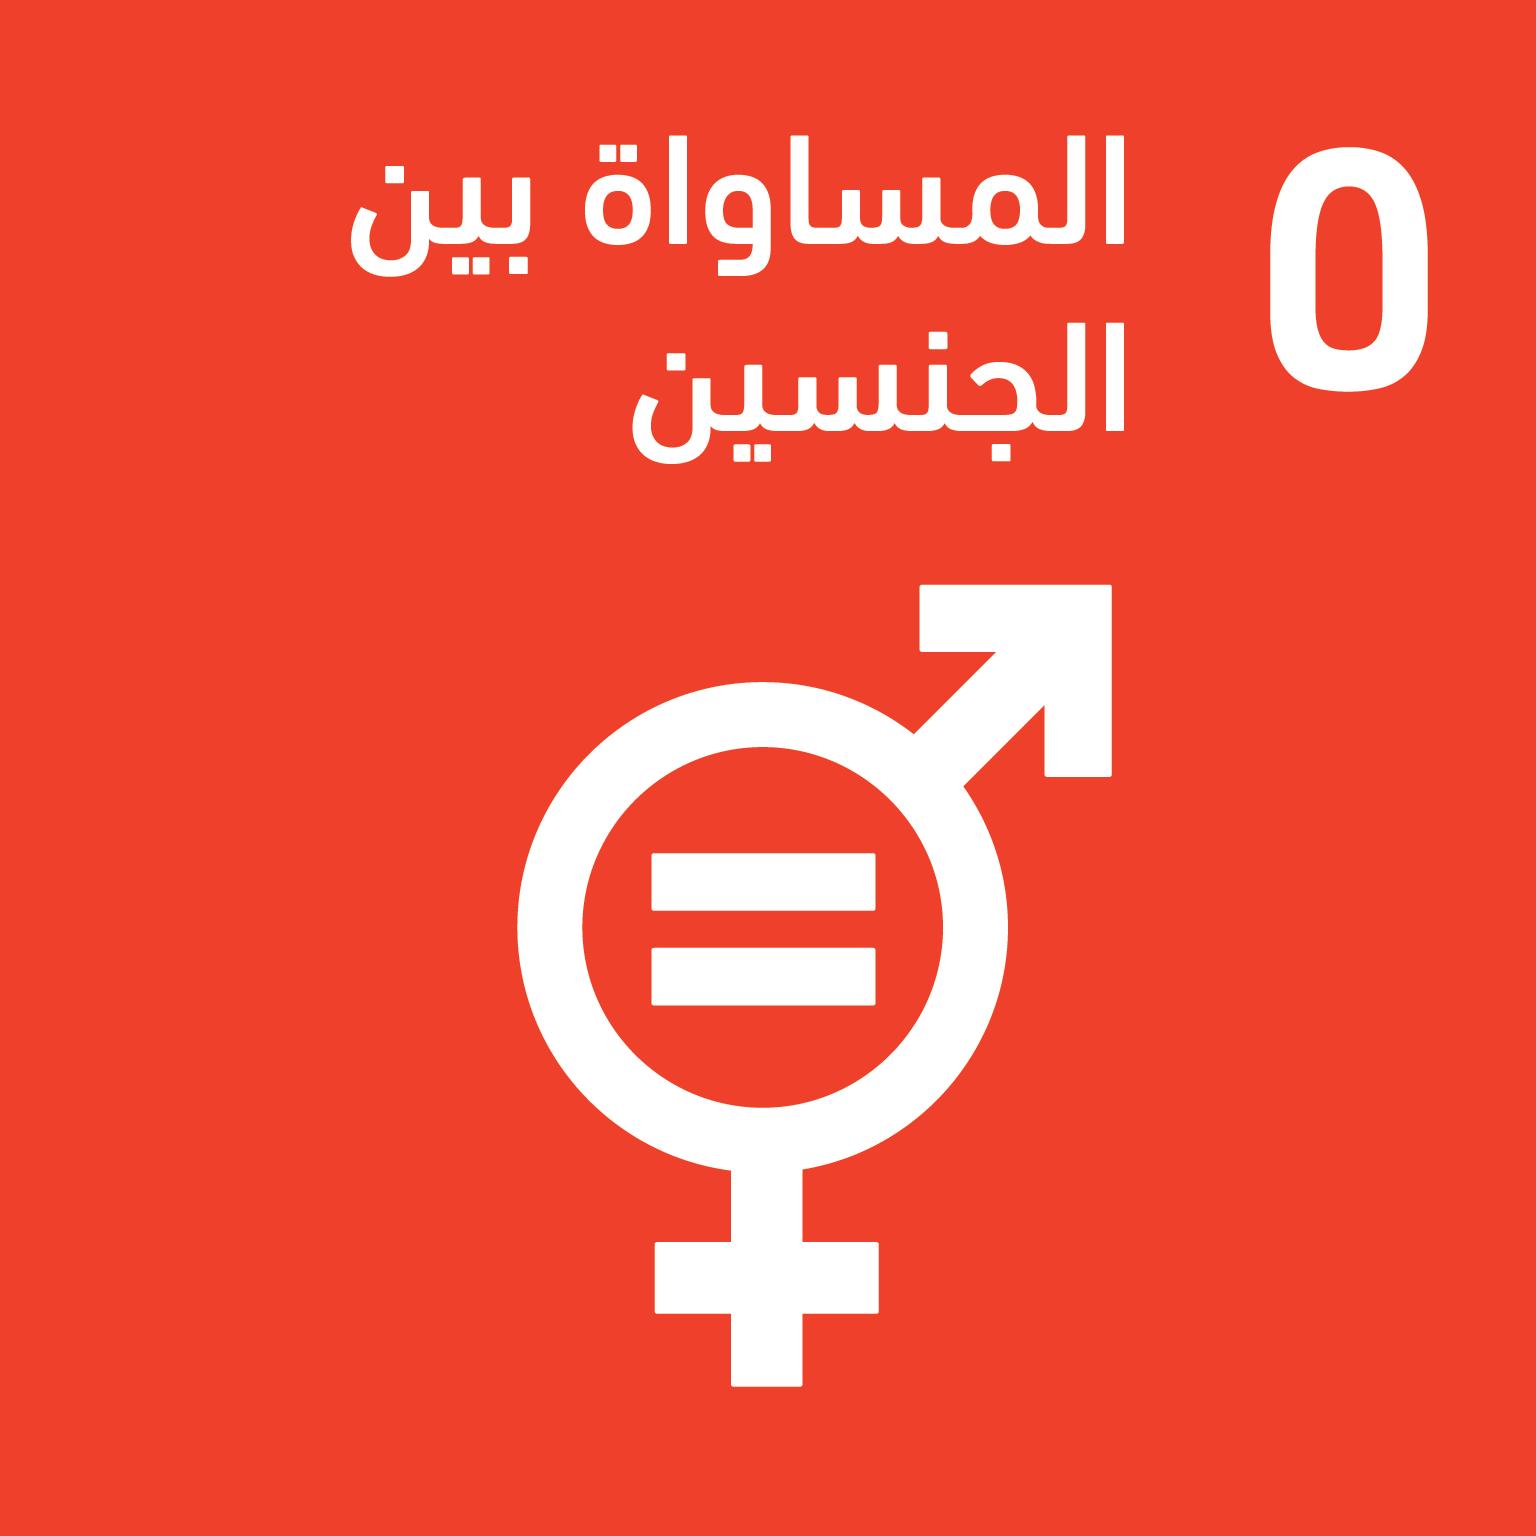 نادي أهداف الت نمية المستدامة للكتاب التنمية المستدامة Sustainable Development Goals Sustainable Development Pinterest Logo